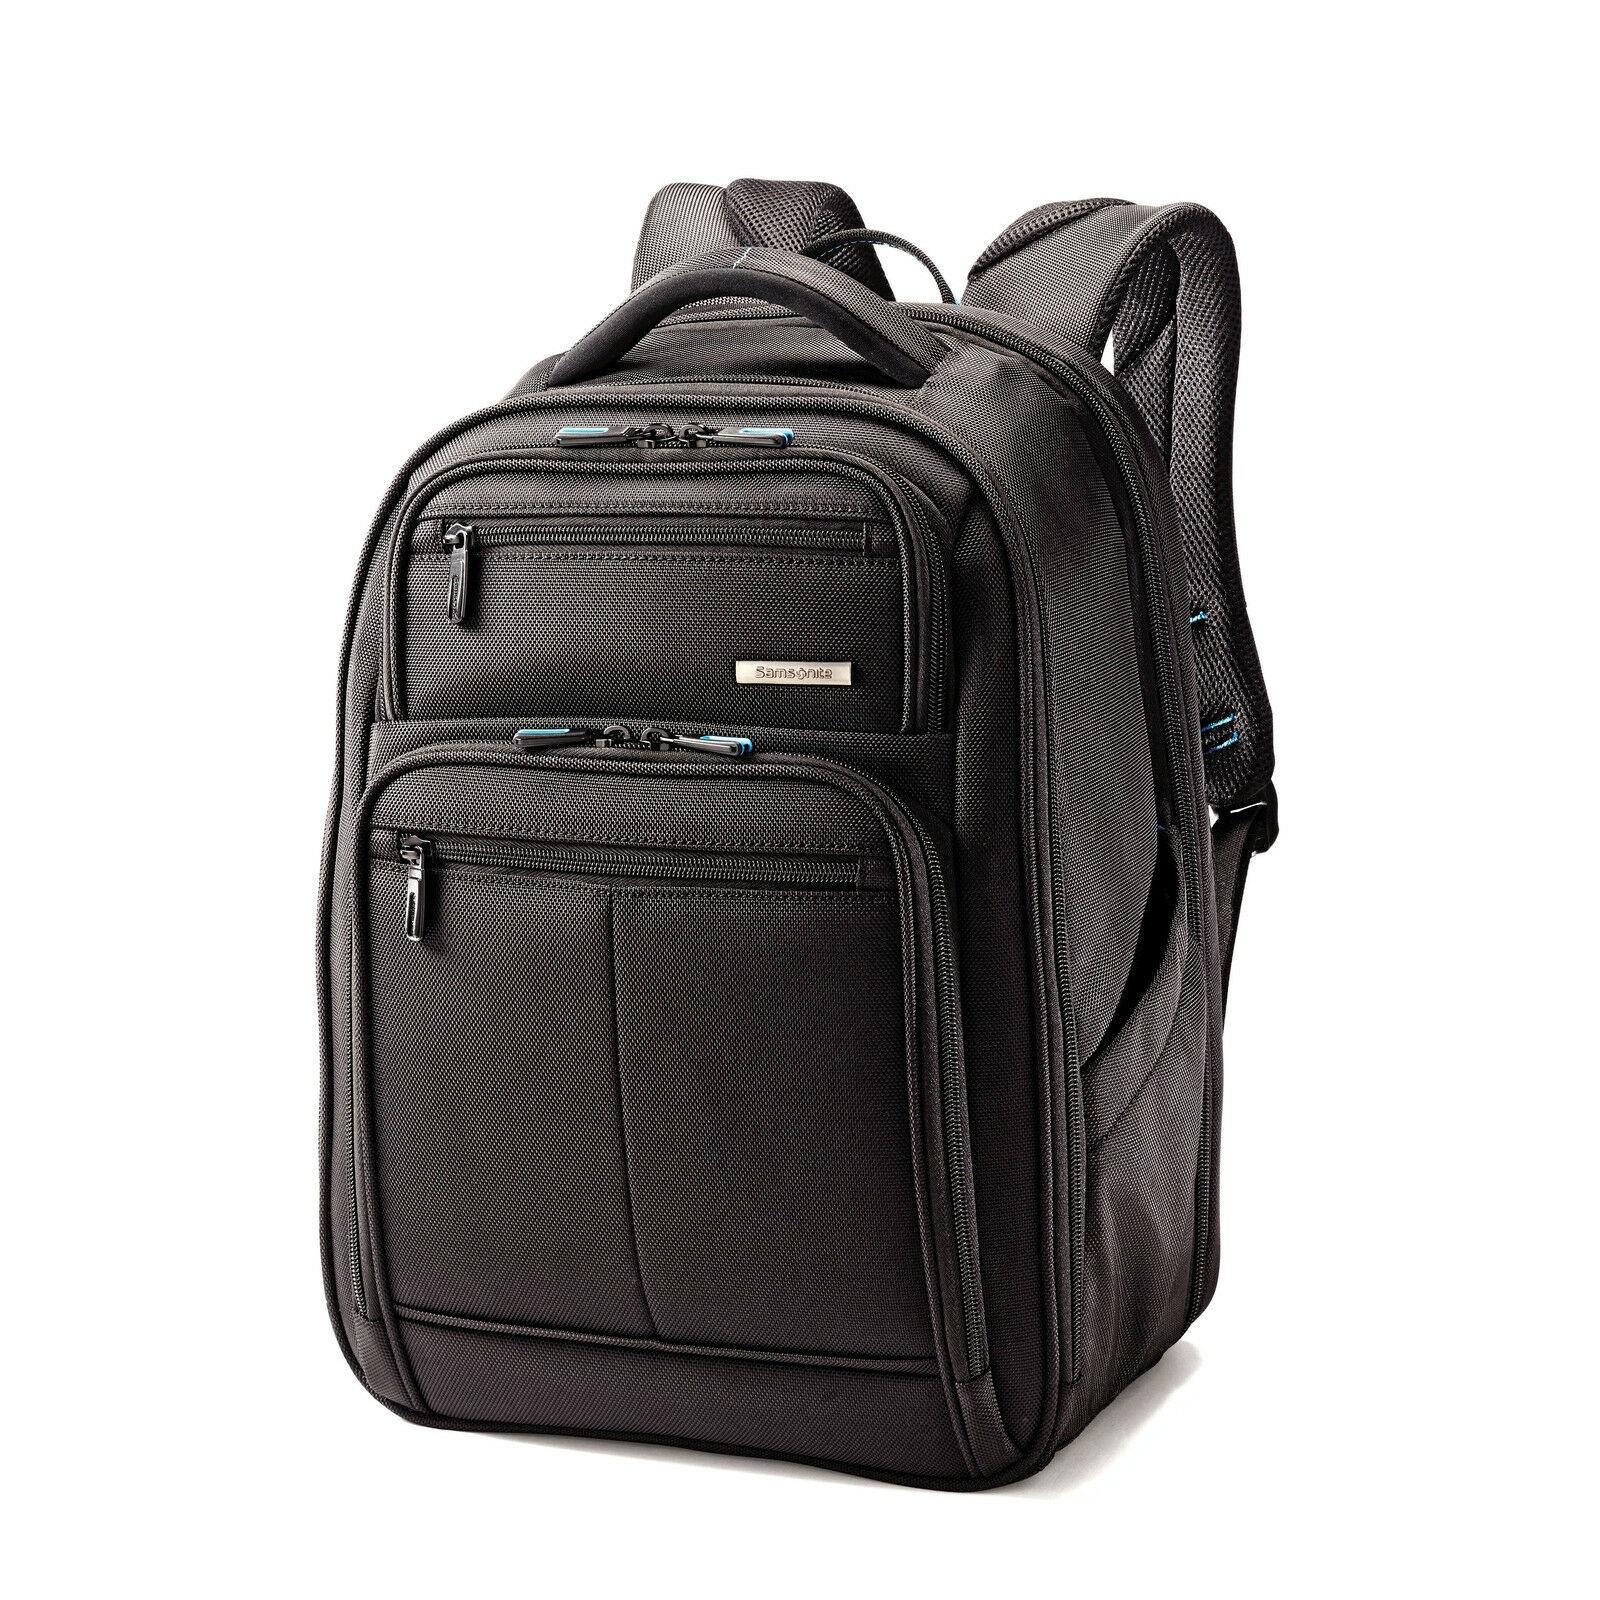 滿$25額外8.5折!Samsonite 新秀麗 Novex Perfect 雙肩包背包電腦包